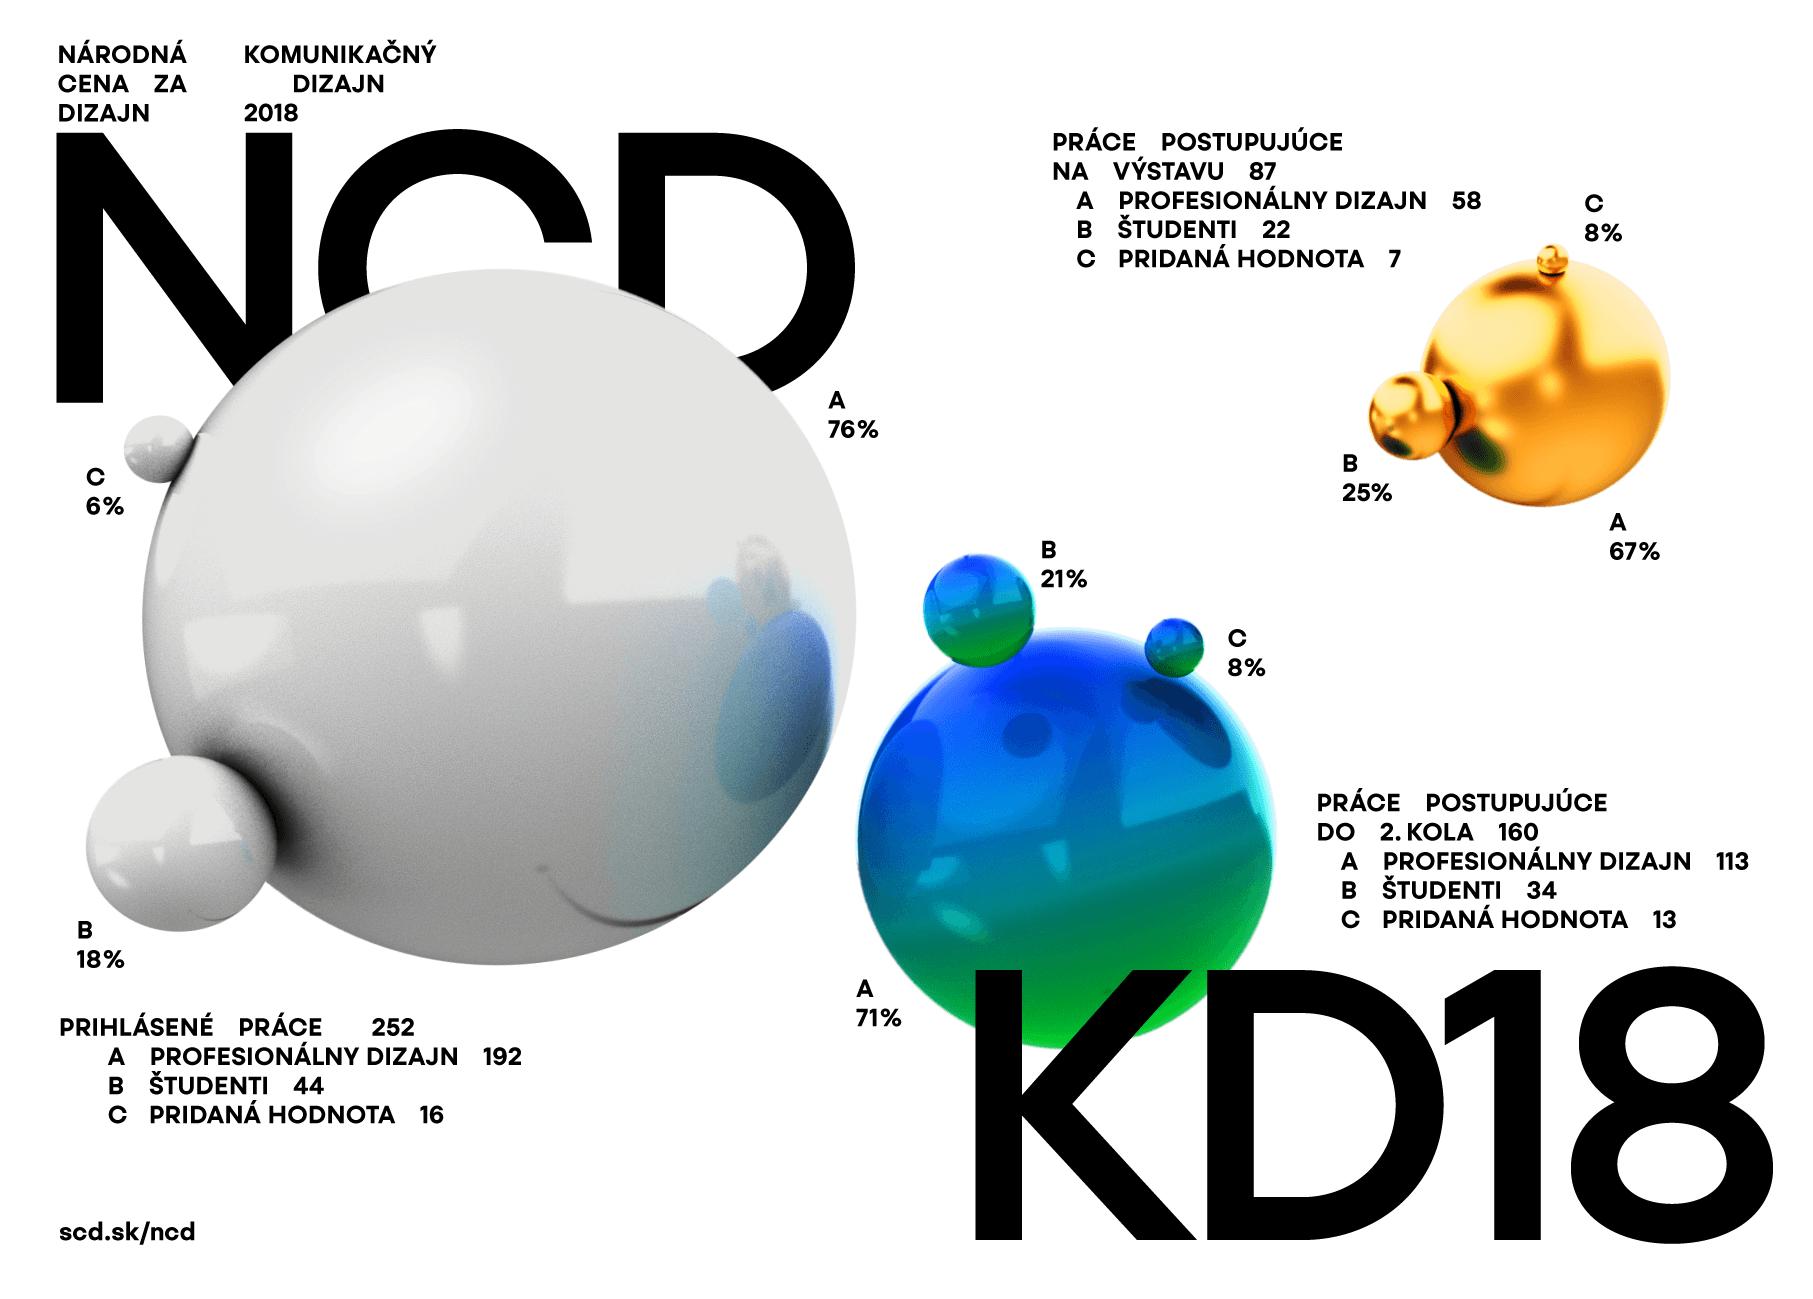 NCD18 Statistika Screen - 15. ročník súťaže Národná cena za dizajn 2018 – Komunikačný dizajn je vyhodnotený